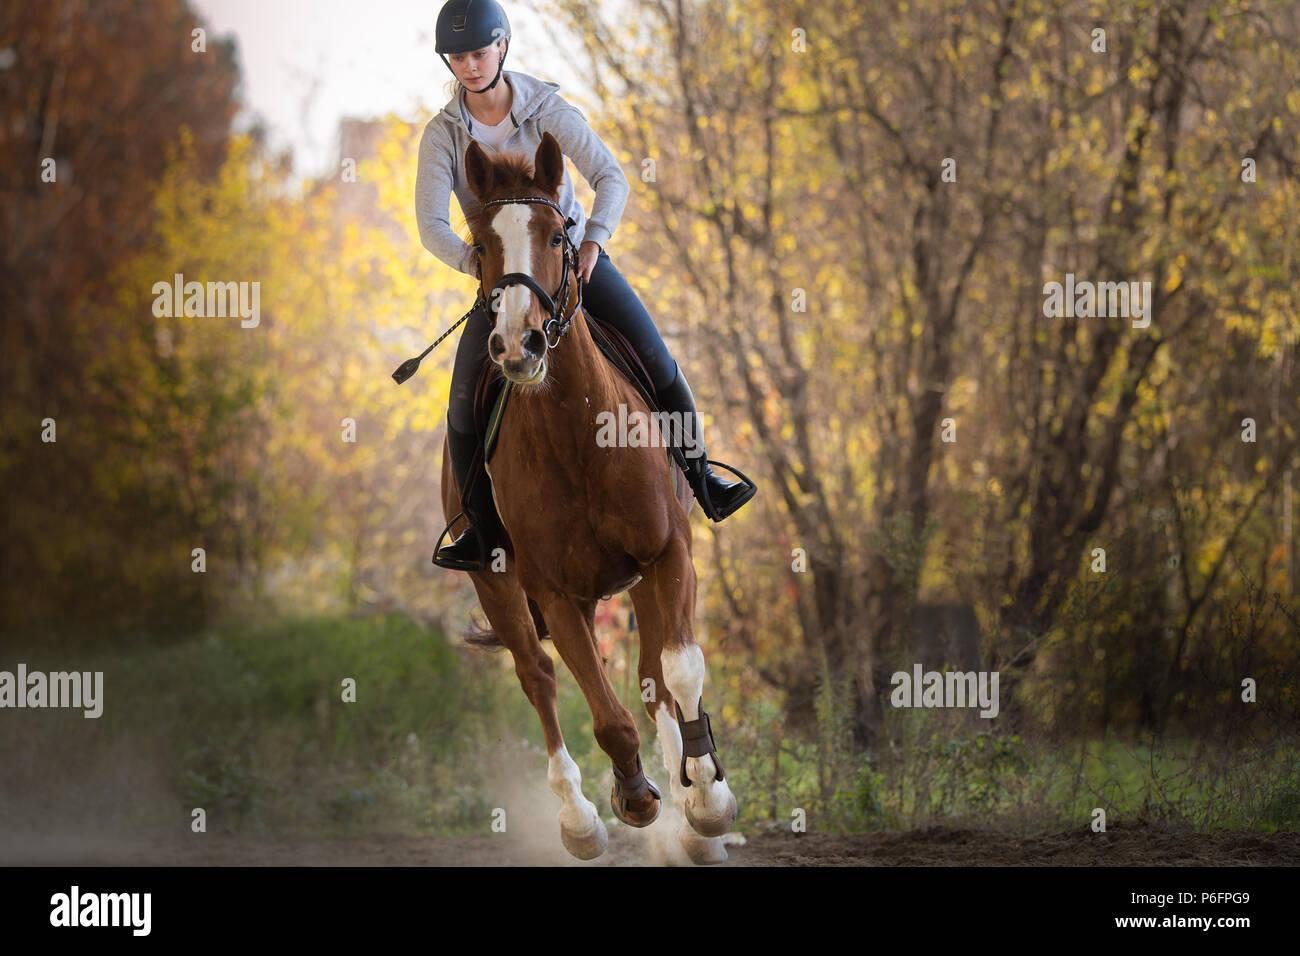 Junge hübsche reiten ein Pferd mit Hintergrundbeleuchtung hinterlässt Mädchen Stockbild